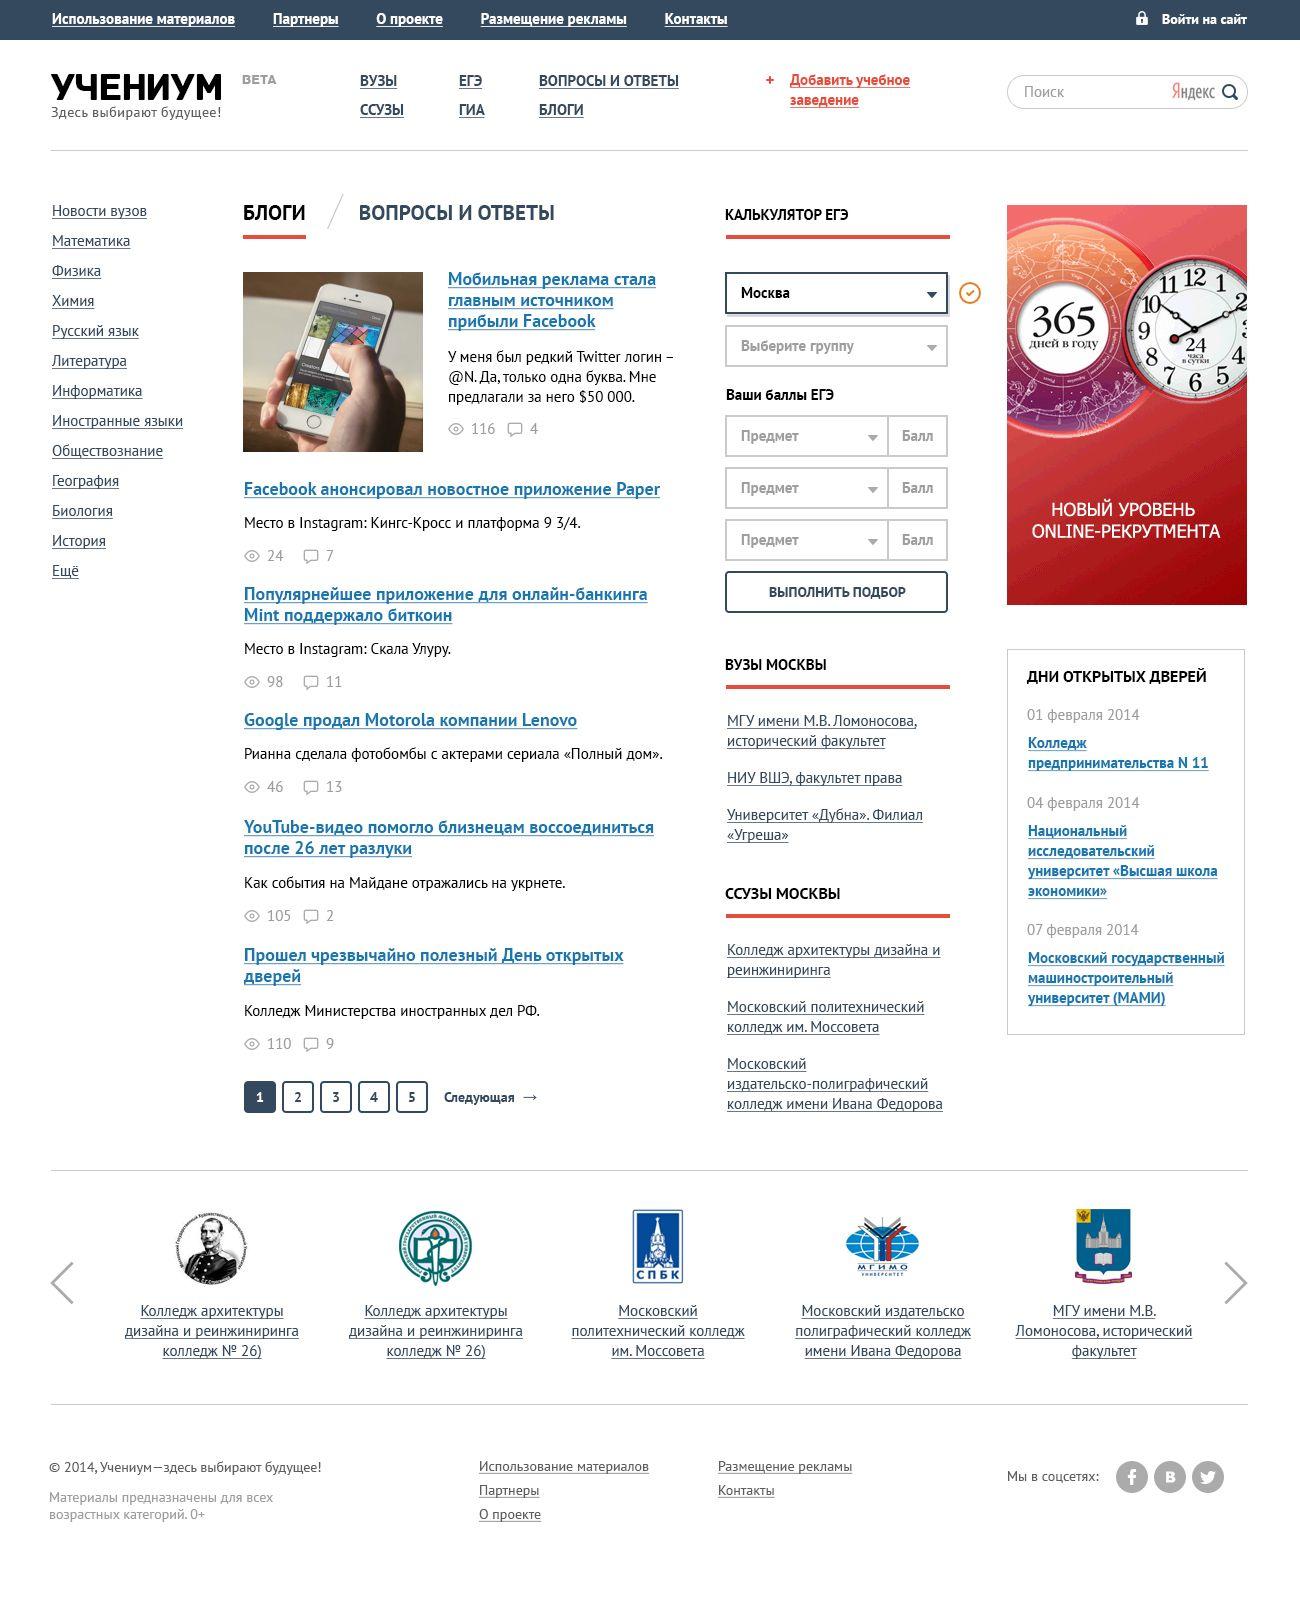 Дизайн для информационного сайта - дизайнер noxx